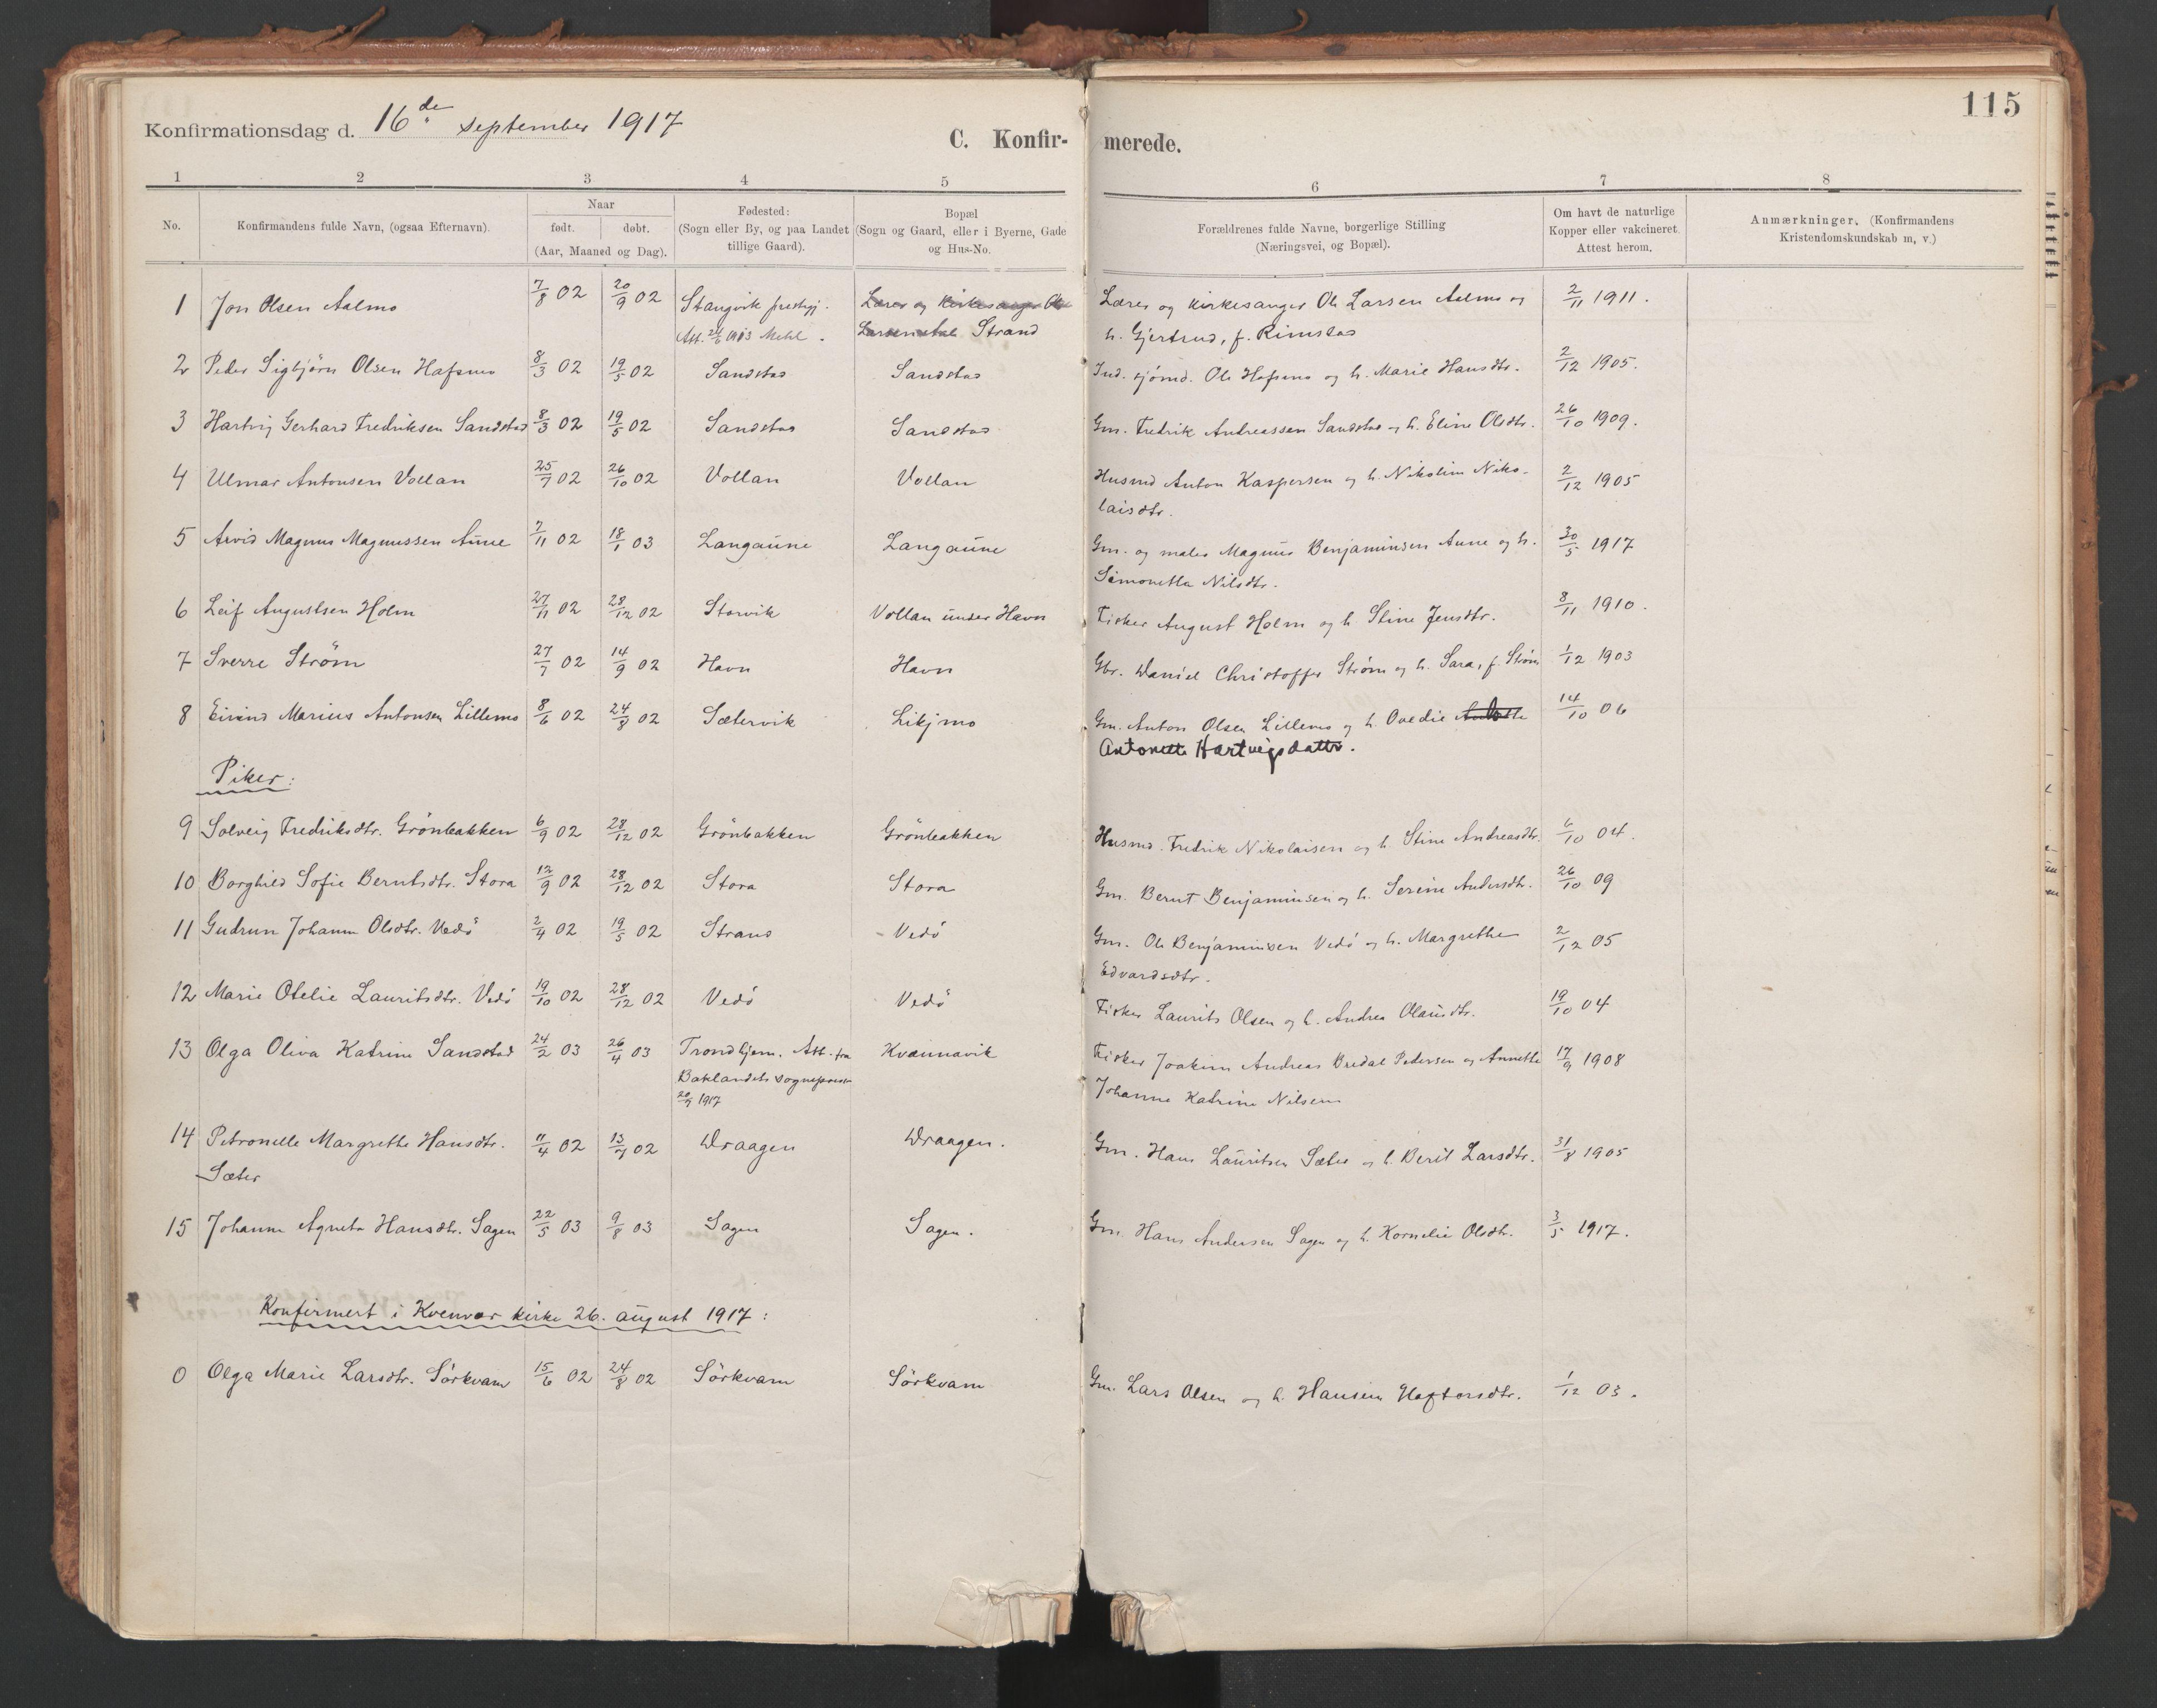 SAT, Ministerialprotokoller, klokkerbøker og fødselsregistre - Sør-Trøndelag, 639/L0572: Ministerialbok nr. 639A01, 1890-1920, s. 115